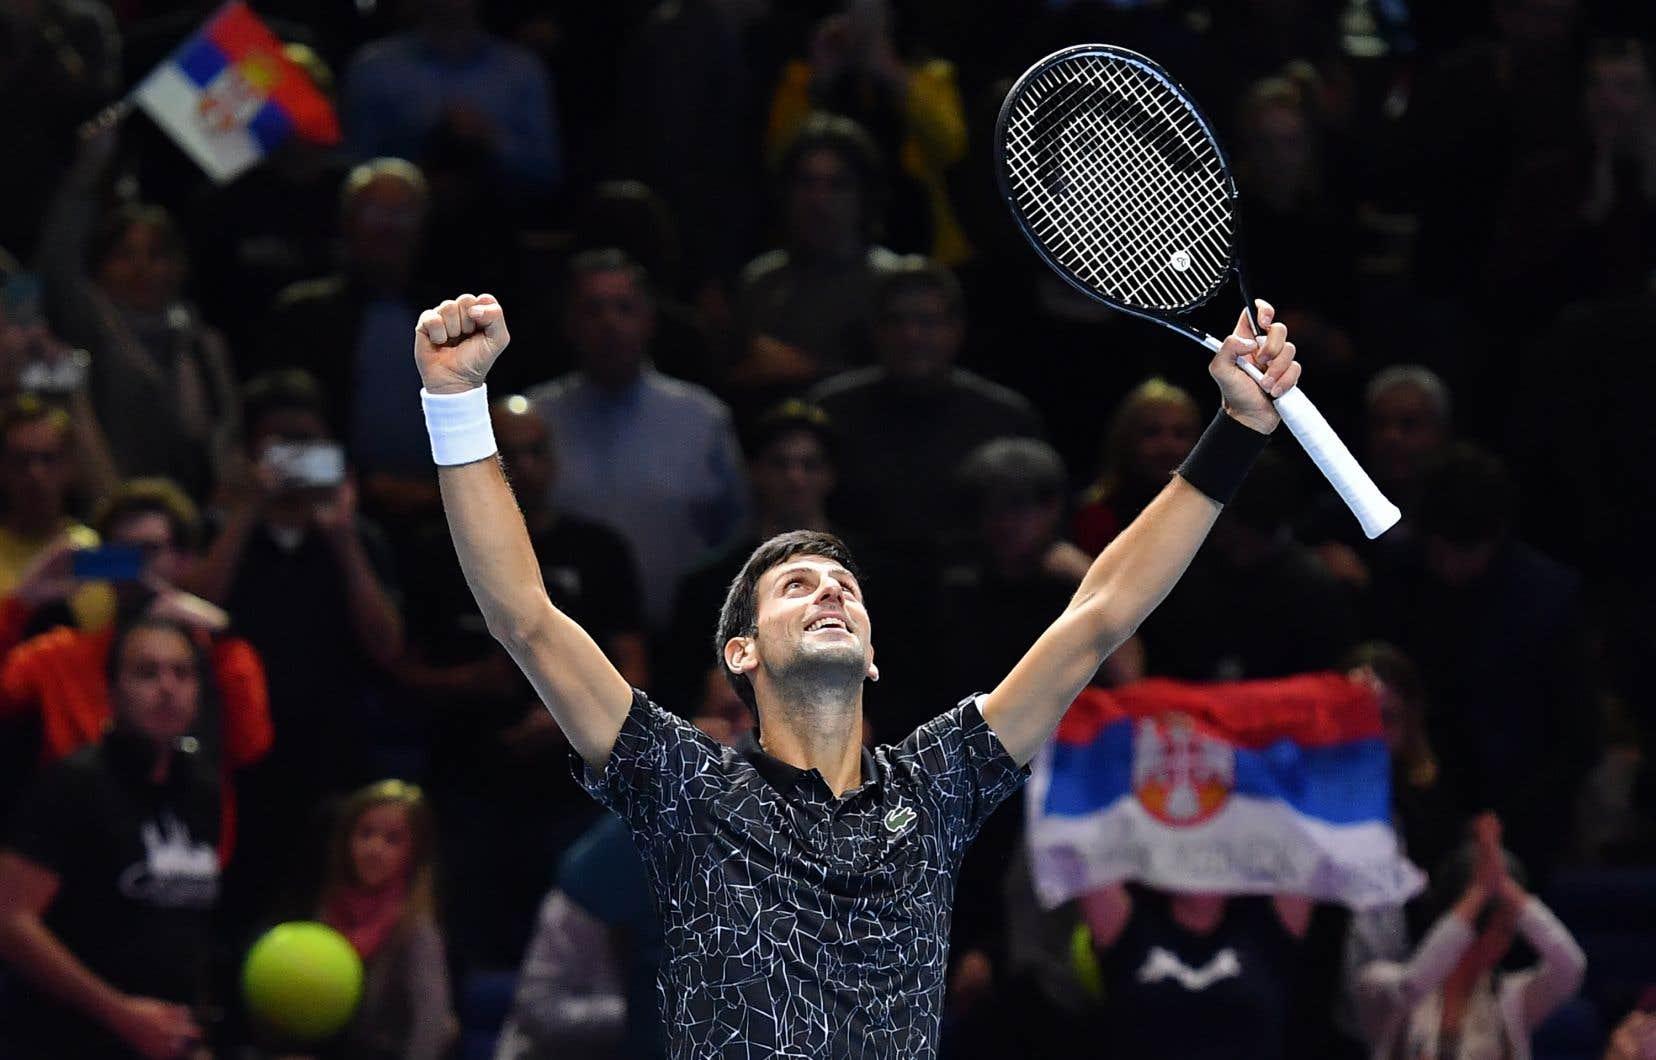 Novak Djokovic s'est qualifié samedi pour la finale du Masters de Londresen dominant le Sud-Africain Kevin Anderson 6-2, 6-2.